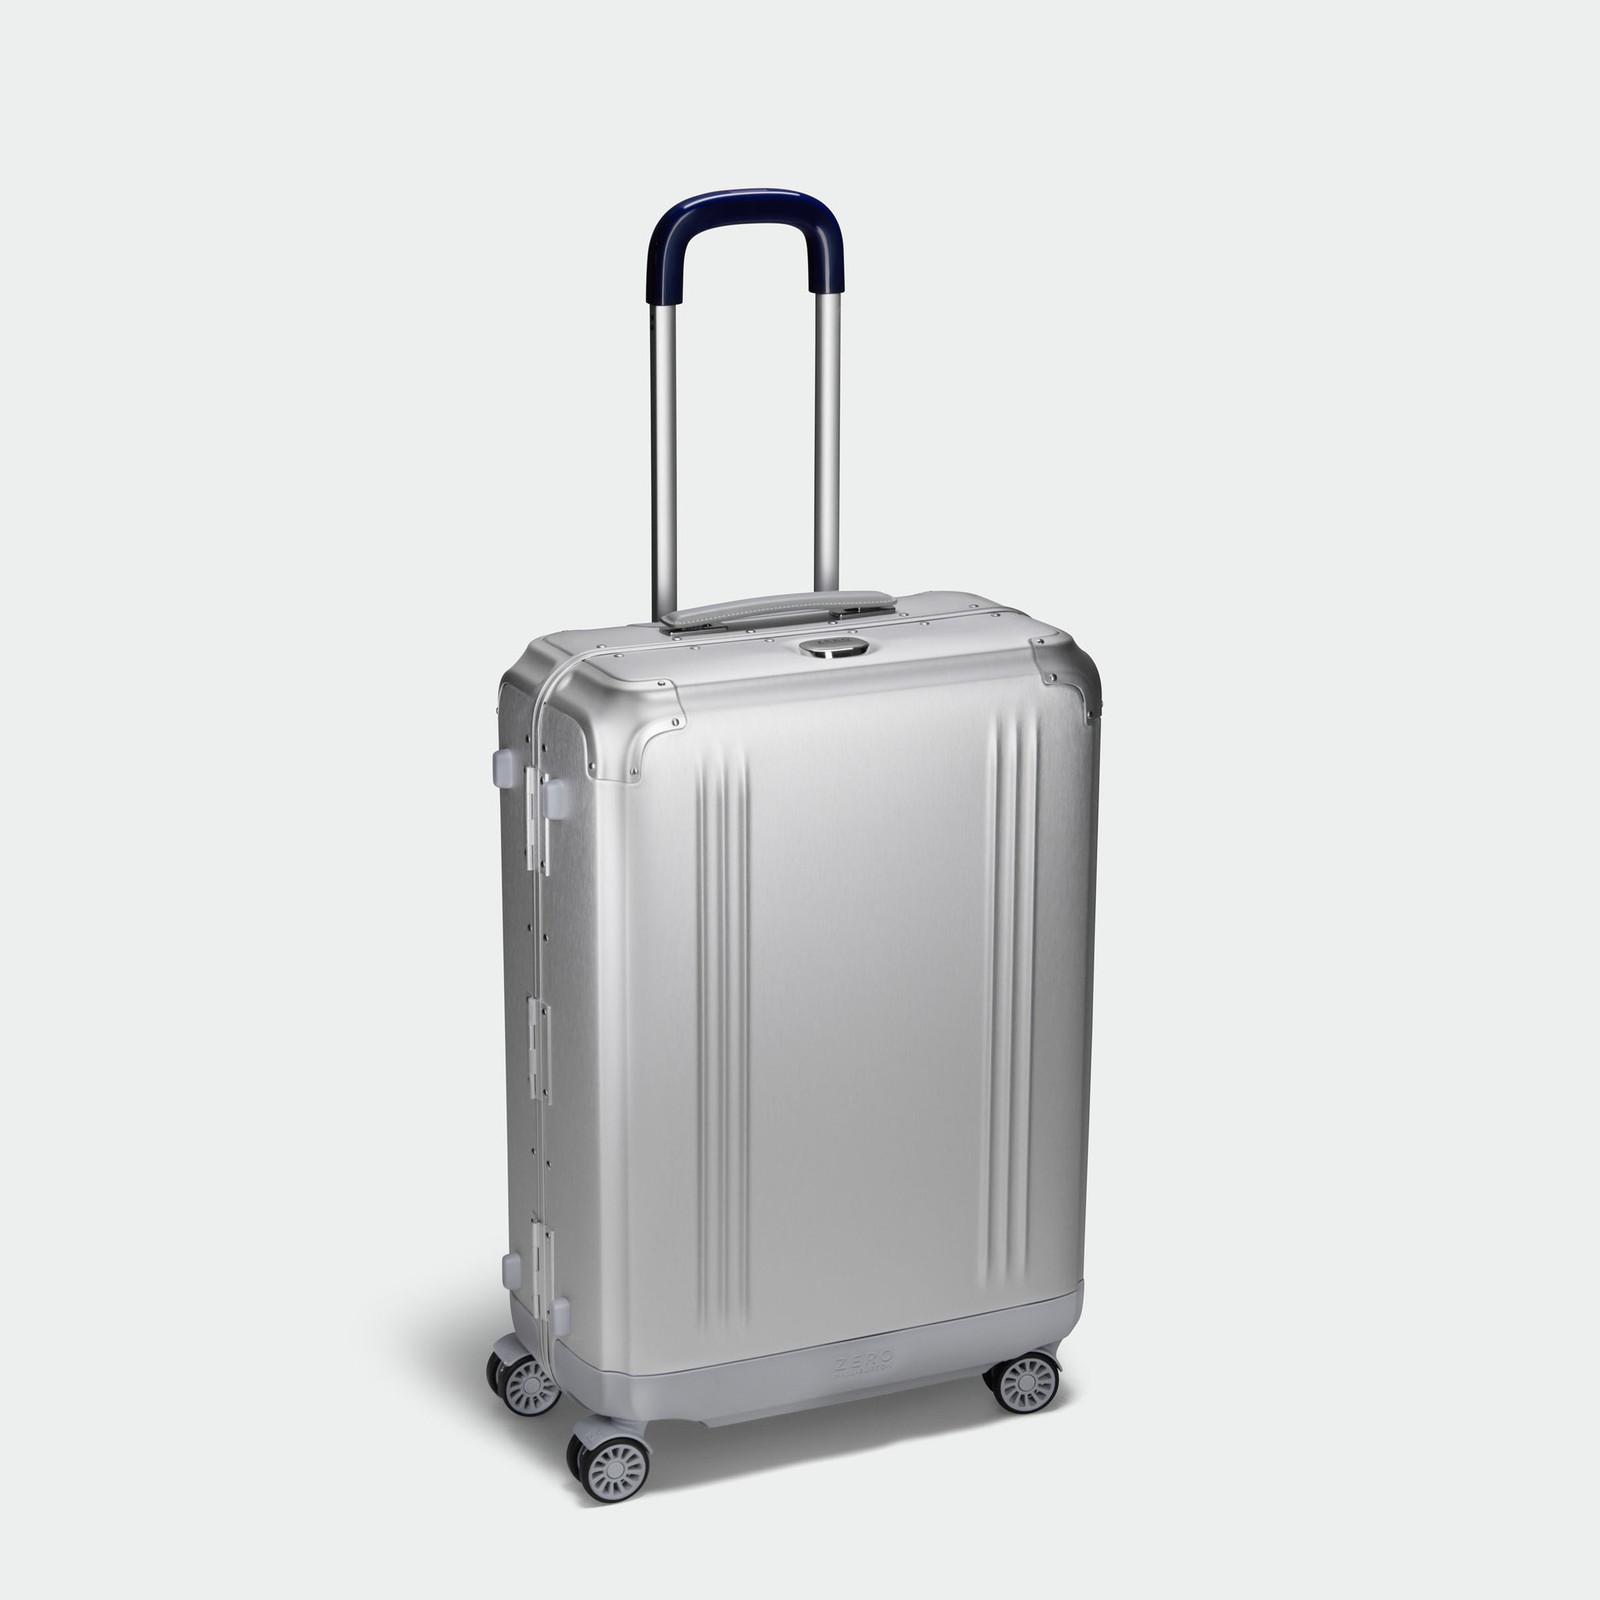 Pursuit - Aluminium Medium Travel Case (Silver)